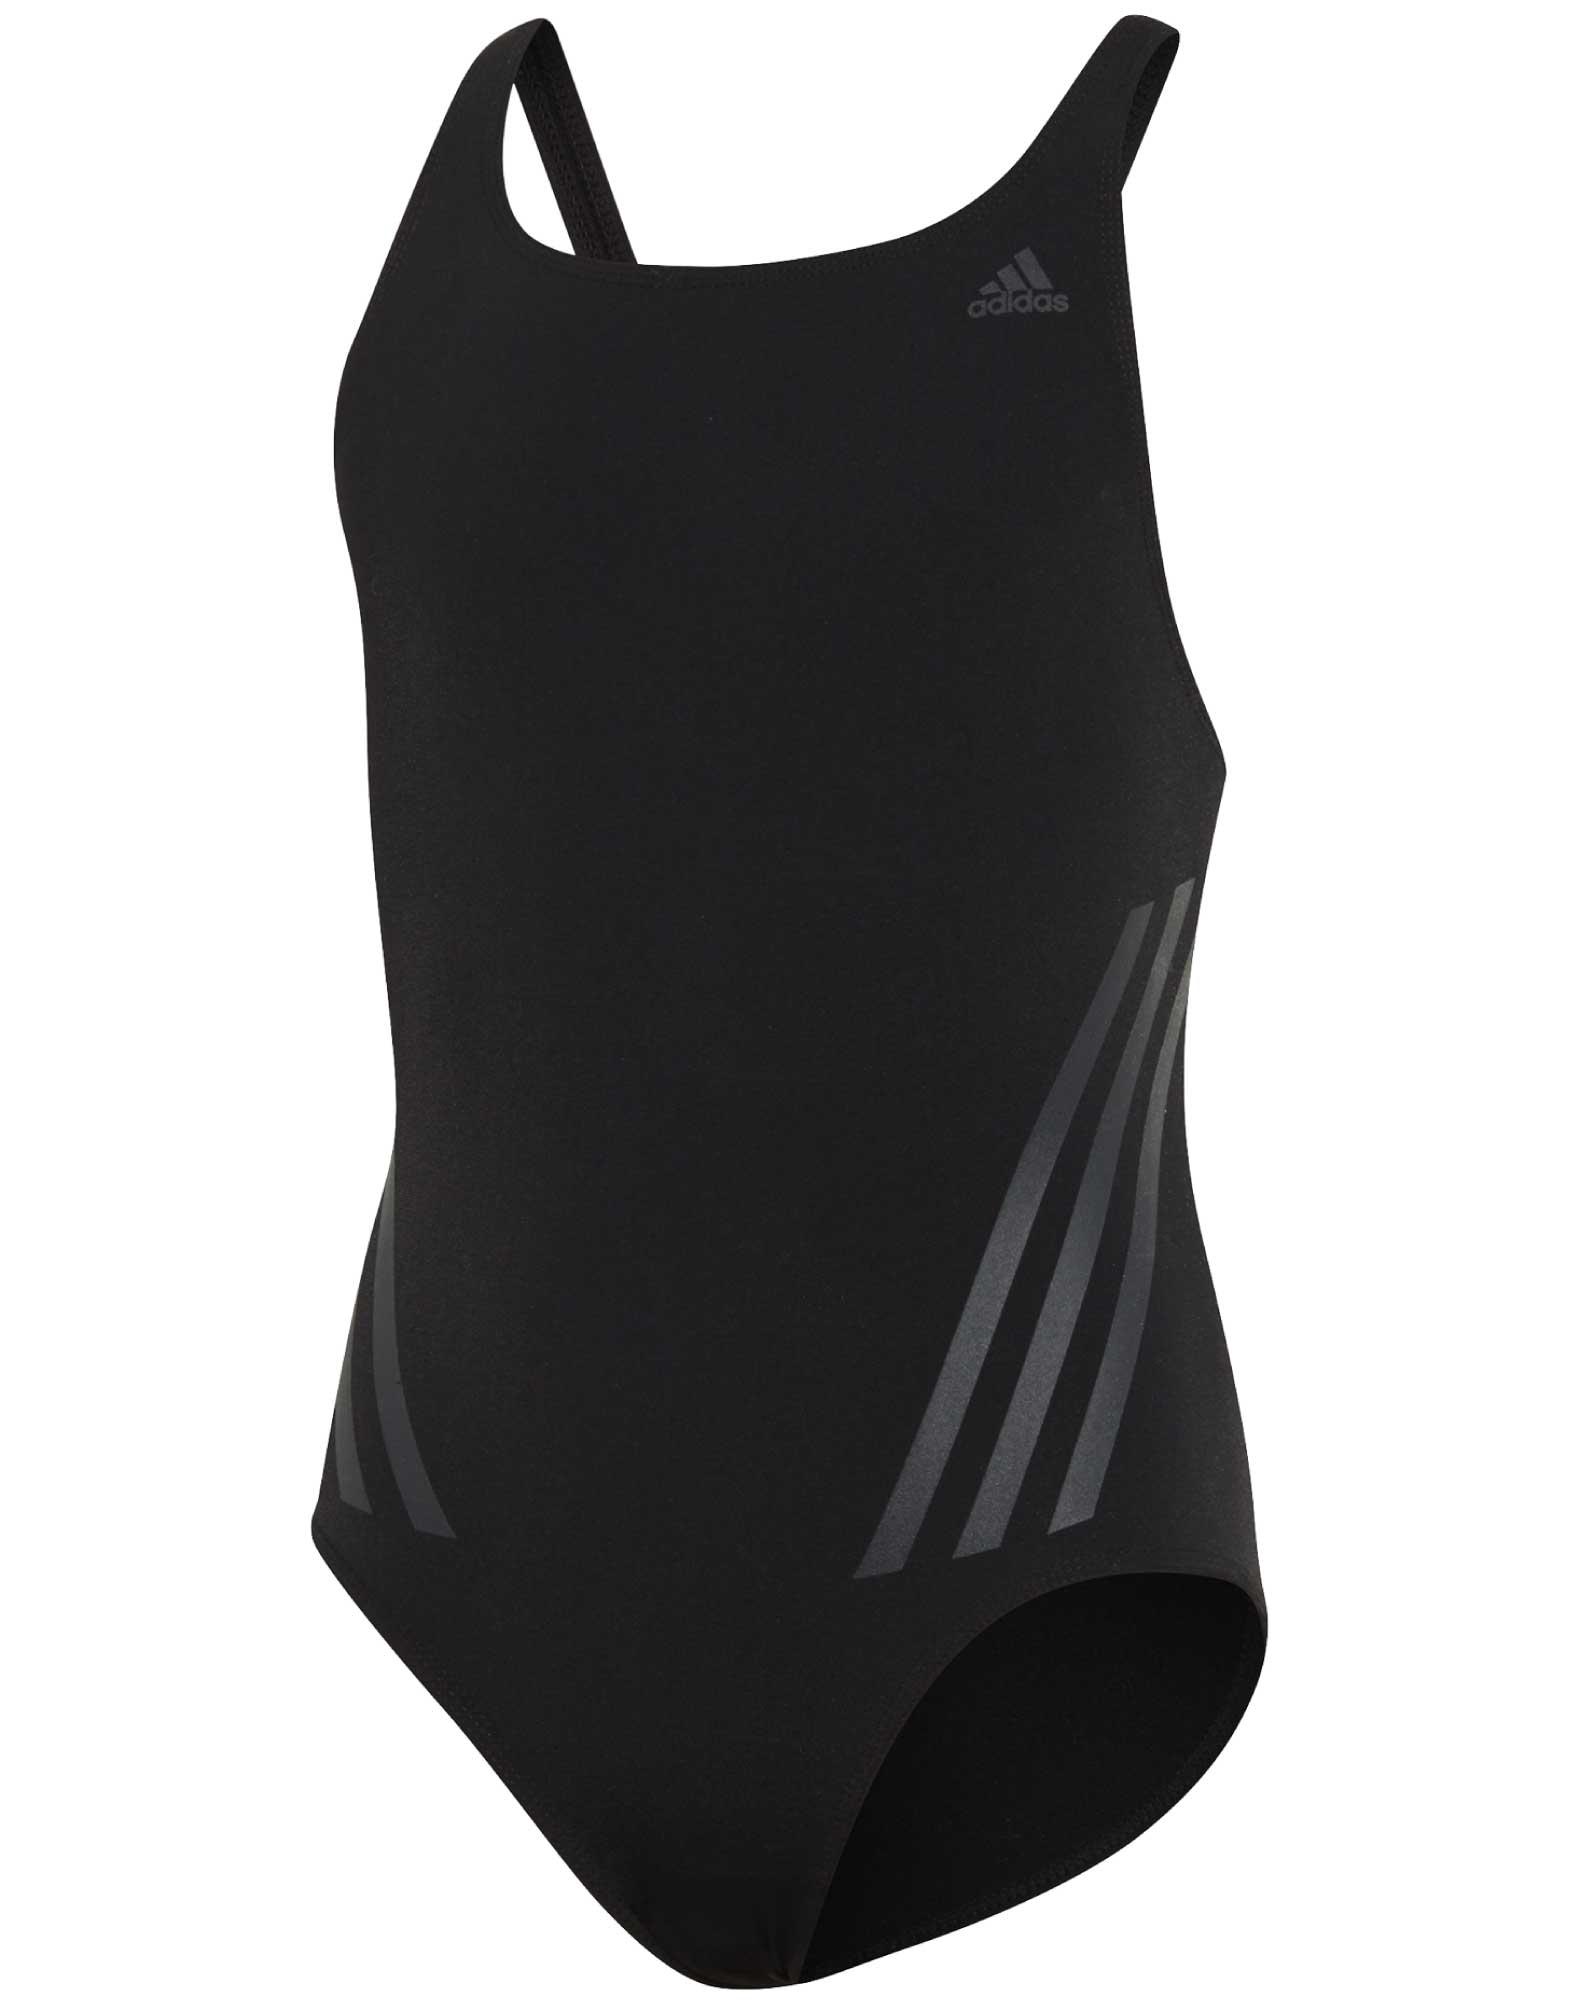 b2c54f111e73 Køb Badedragt Adidas Pro Suit 3S Y i Sort-Grå til Pige